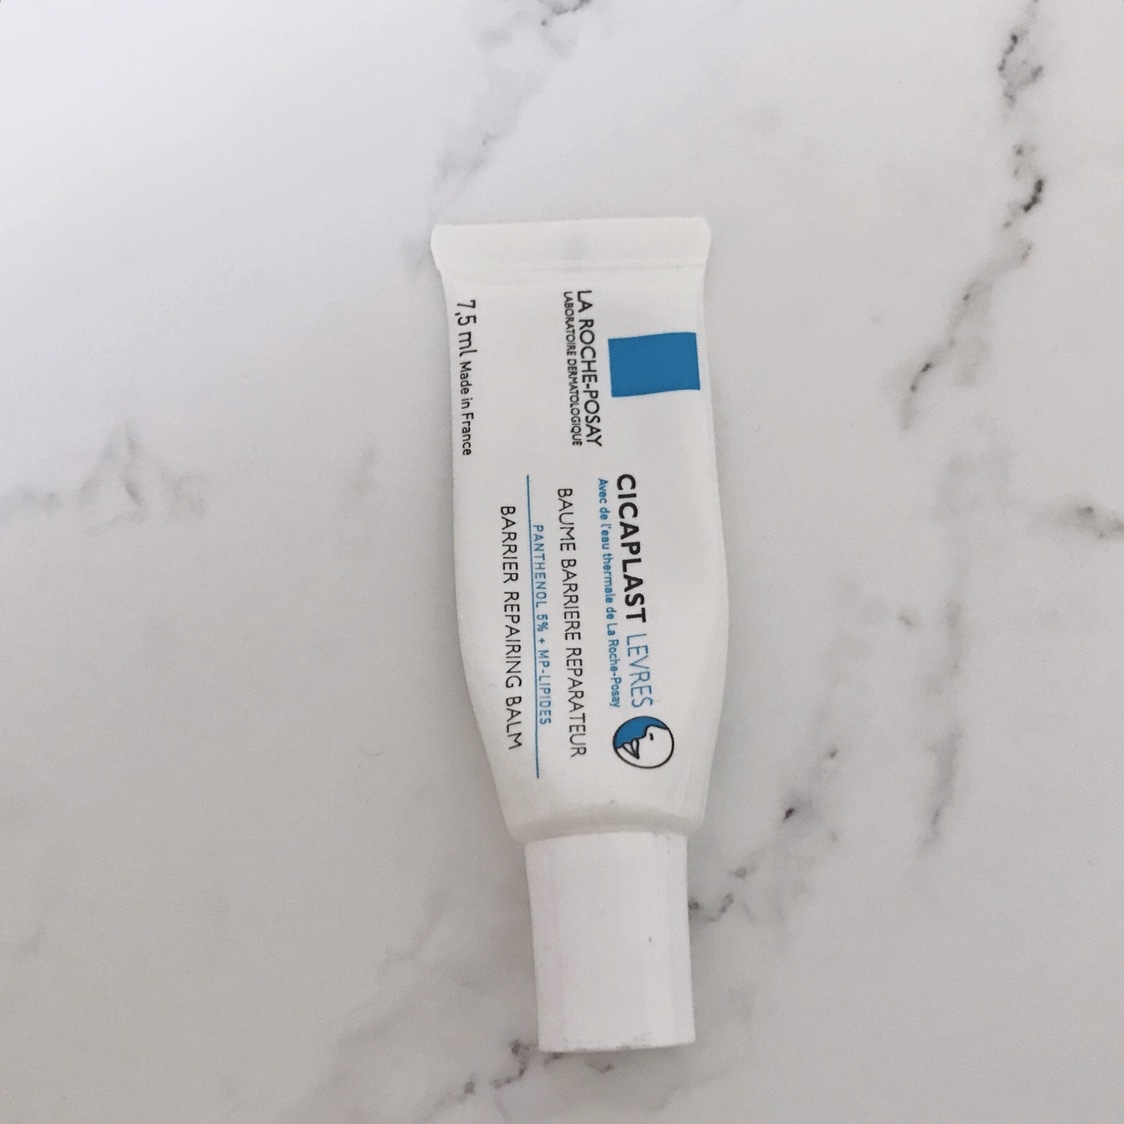 近期的唇部护理产品~没想到最后赢的竟然是它!